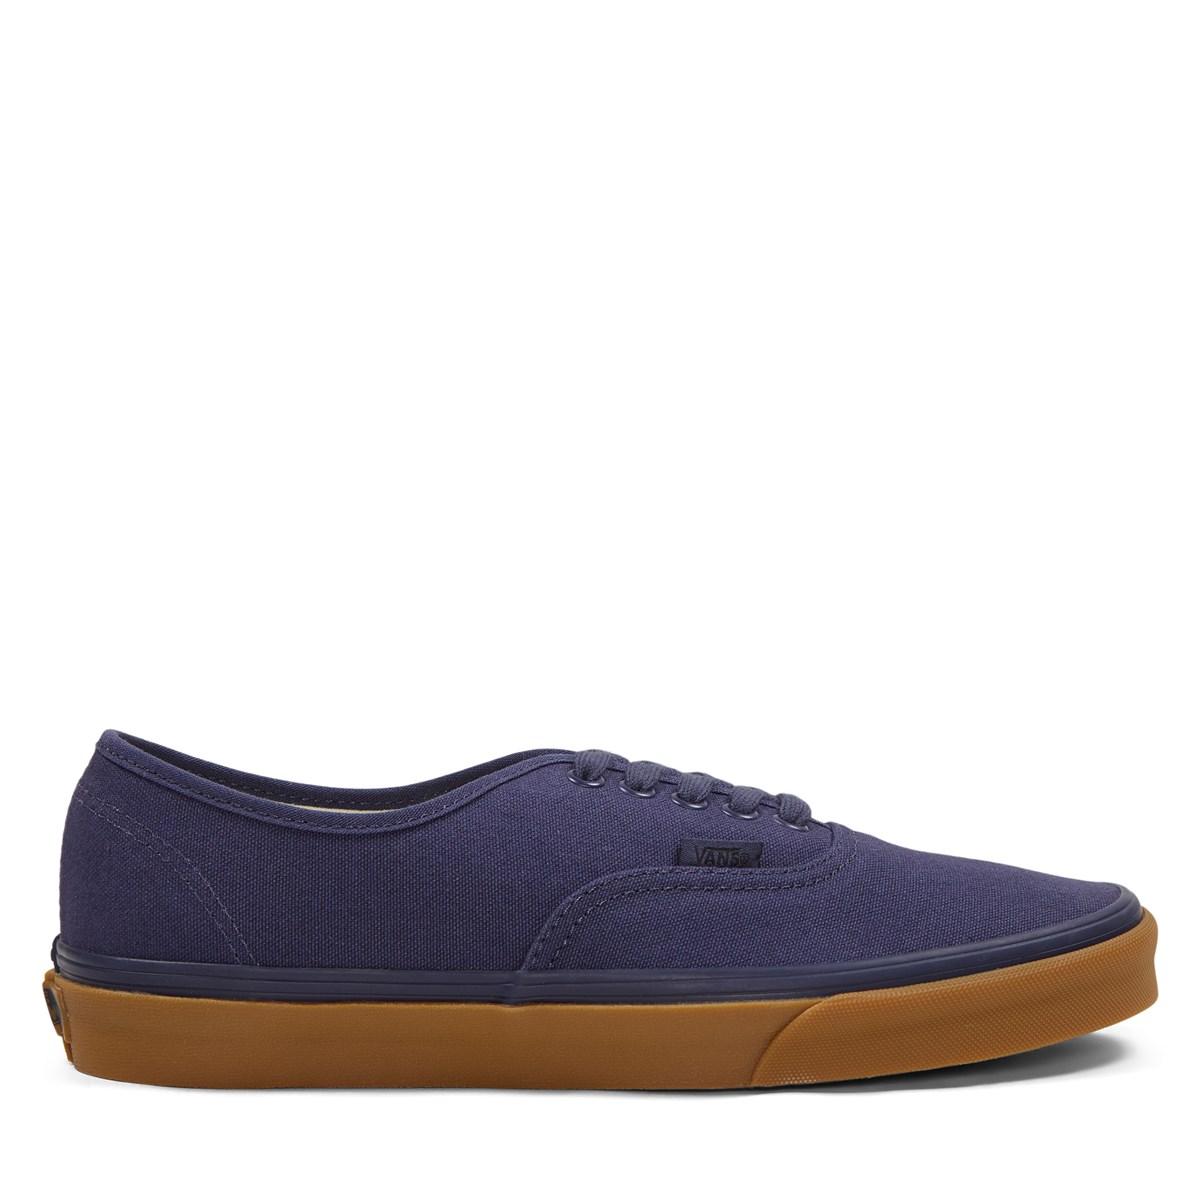 Men's Authentic Sneakers in Navy Blue